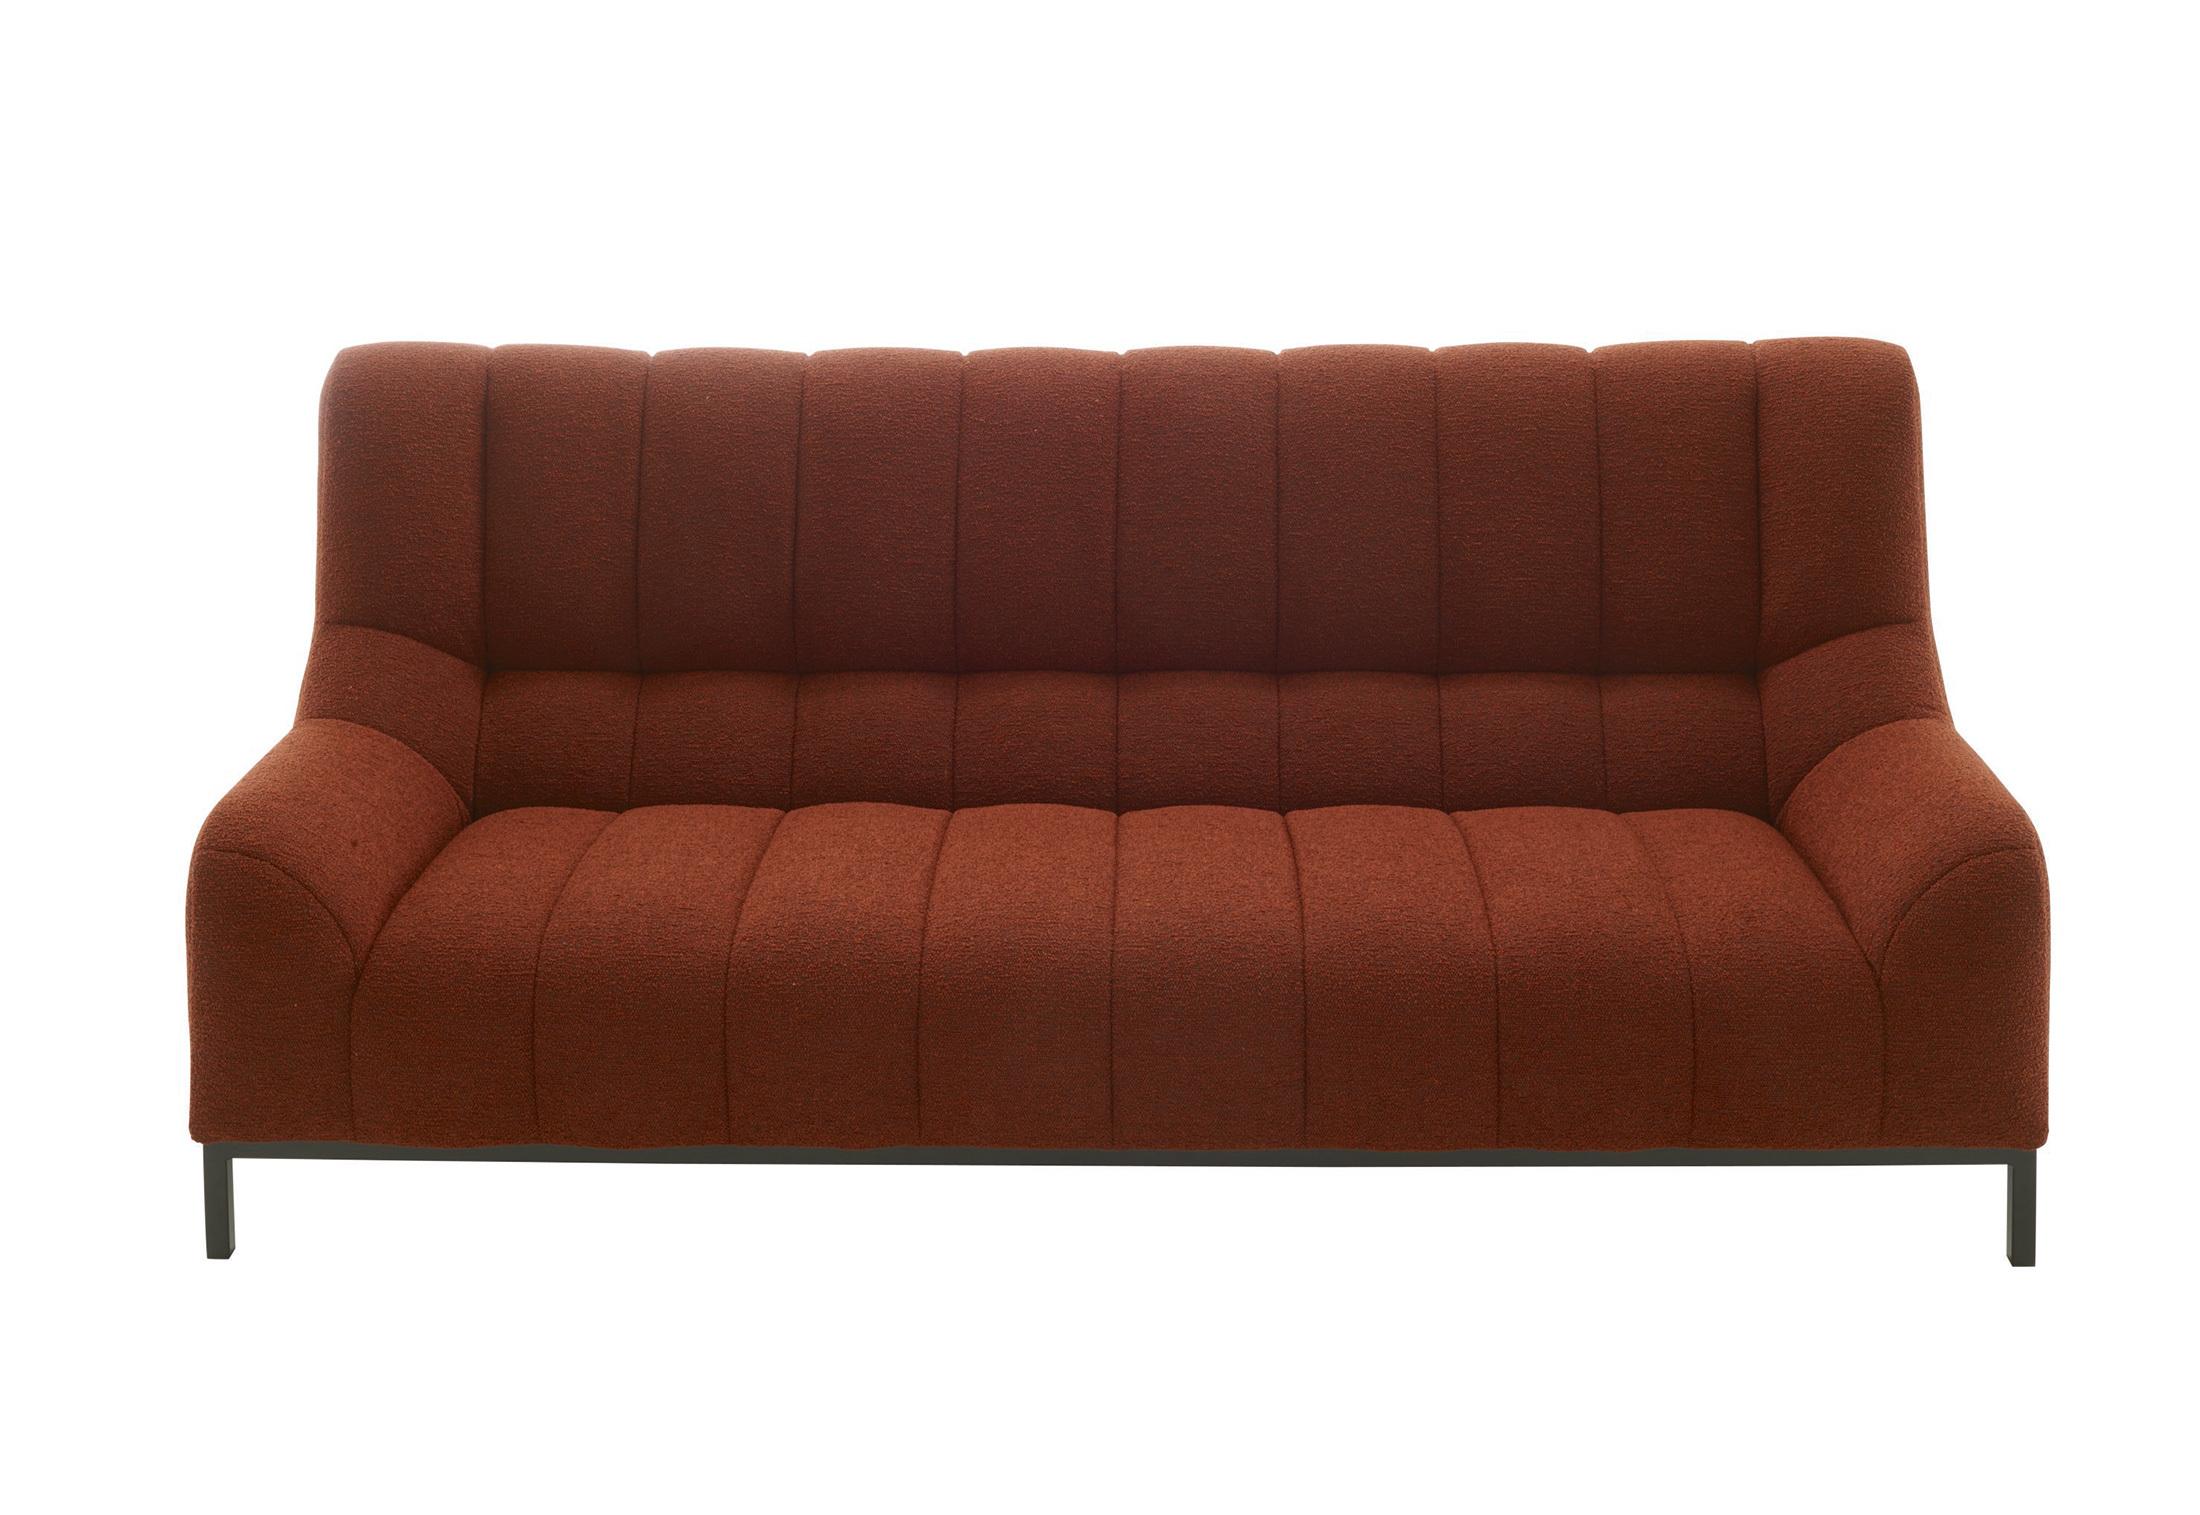 Full Size of Ligne Roset Sofa Bed For Sale Ebay Kleinanzeigen Couch Used Furniture Cover Big Weiß Grau Dreisitzer Antikes Rund Rotes Kolonialstil Lounge Garten Halbrund Sofa Ligne Roset Sofa